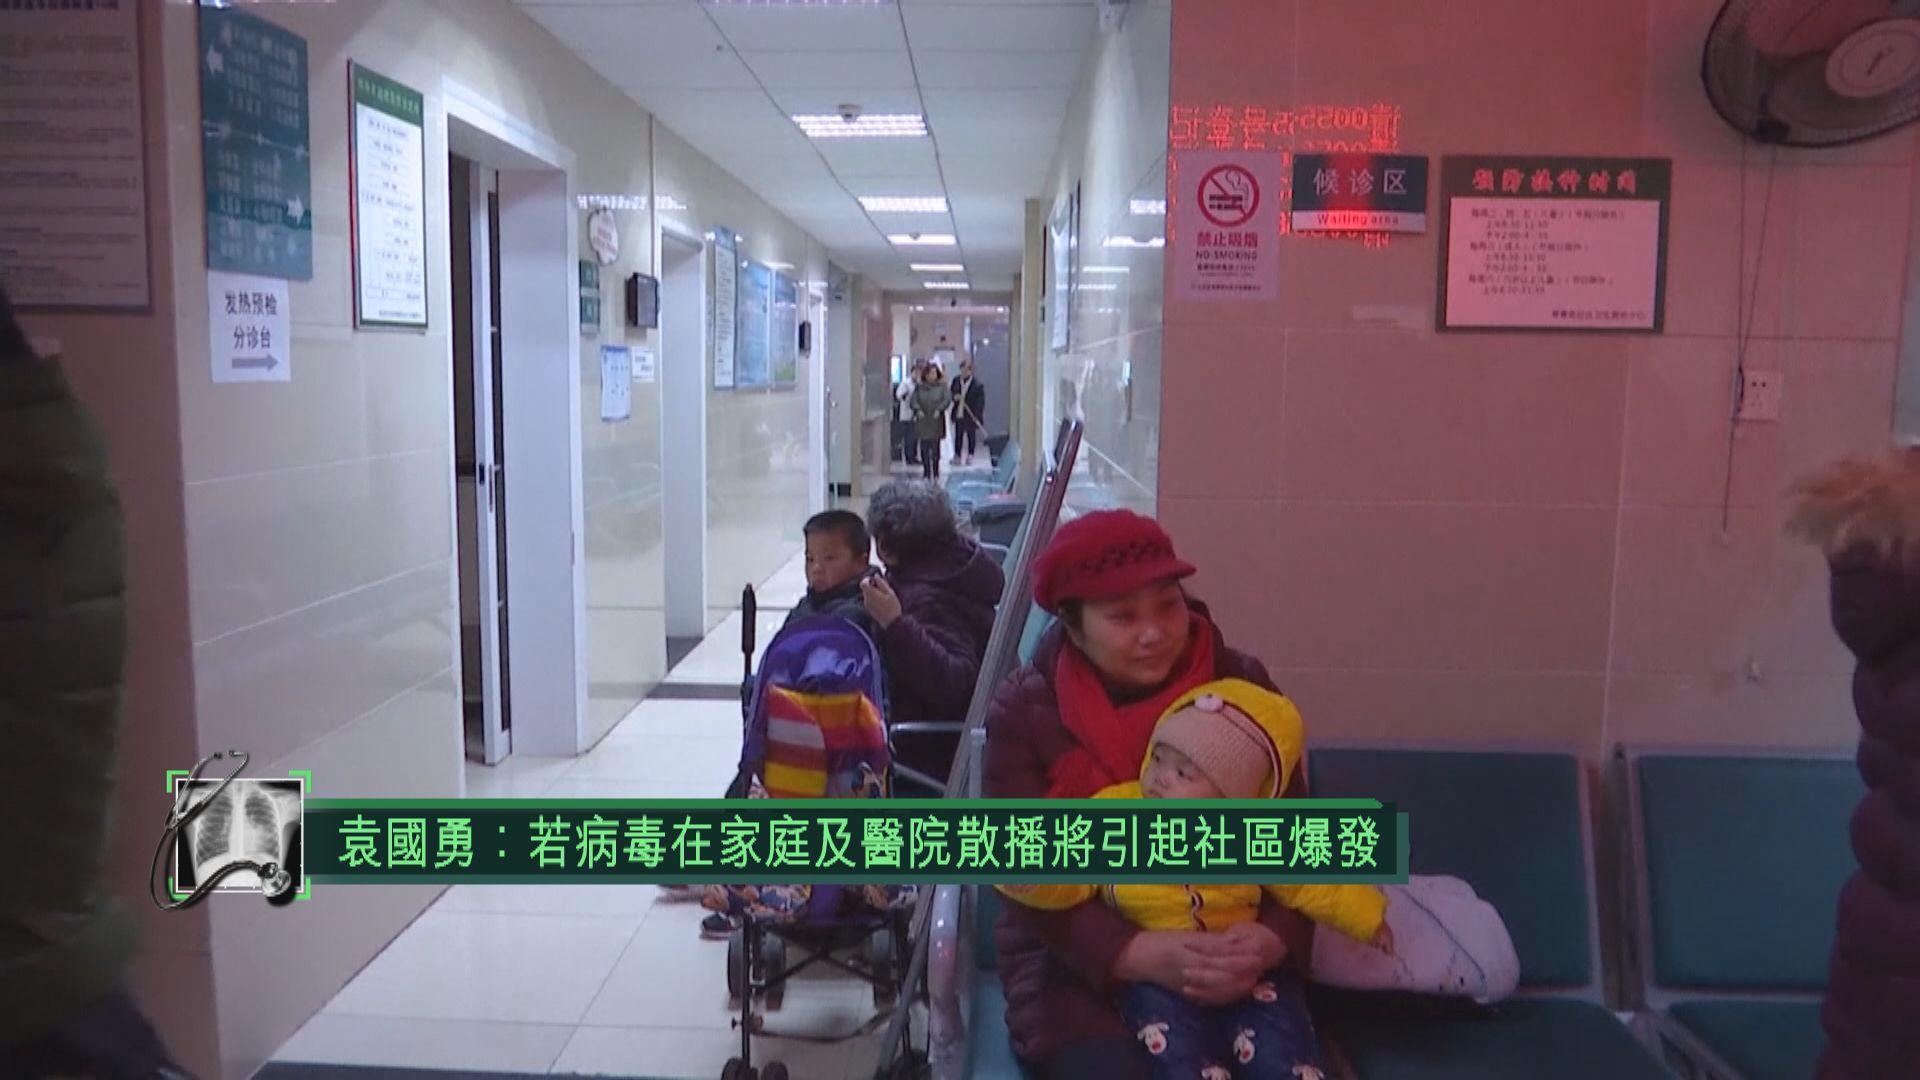 袁國勇:若病毒在家庭及醫院散播將引起社區爆發